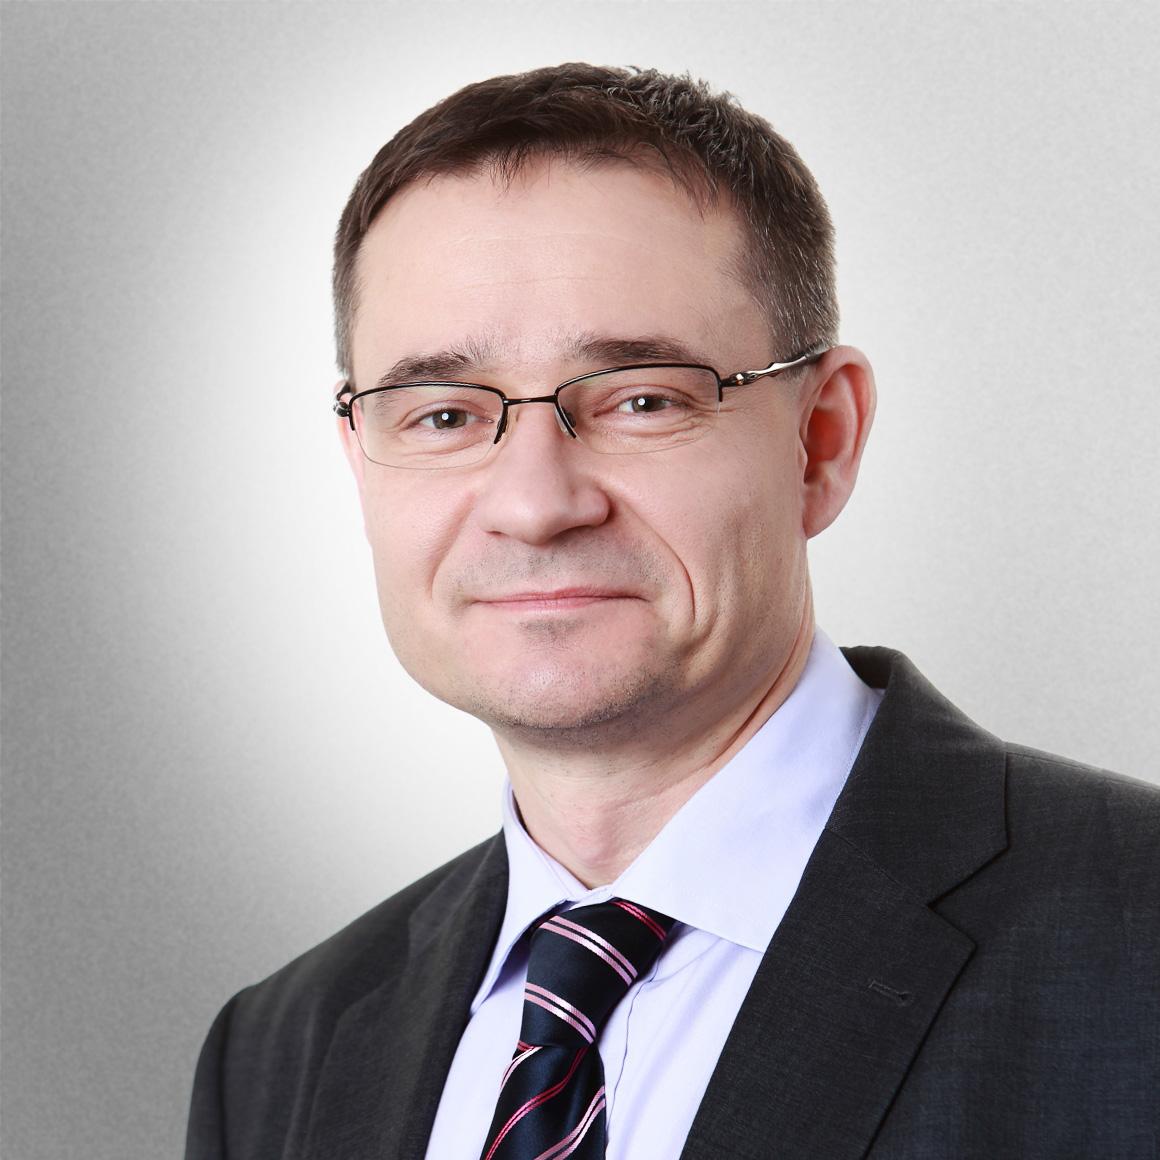 Dušan Pavlů